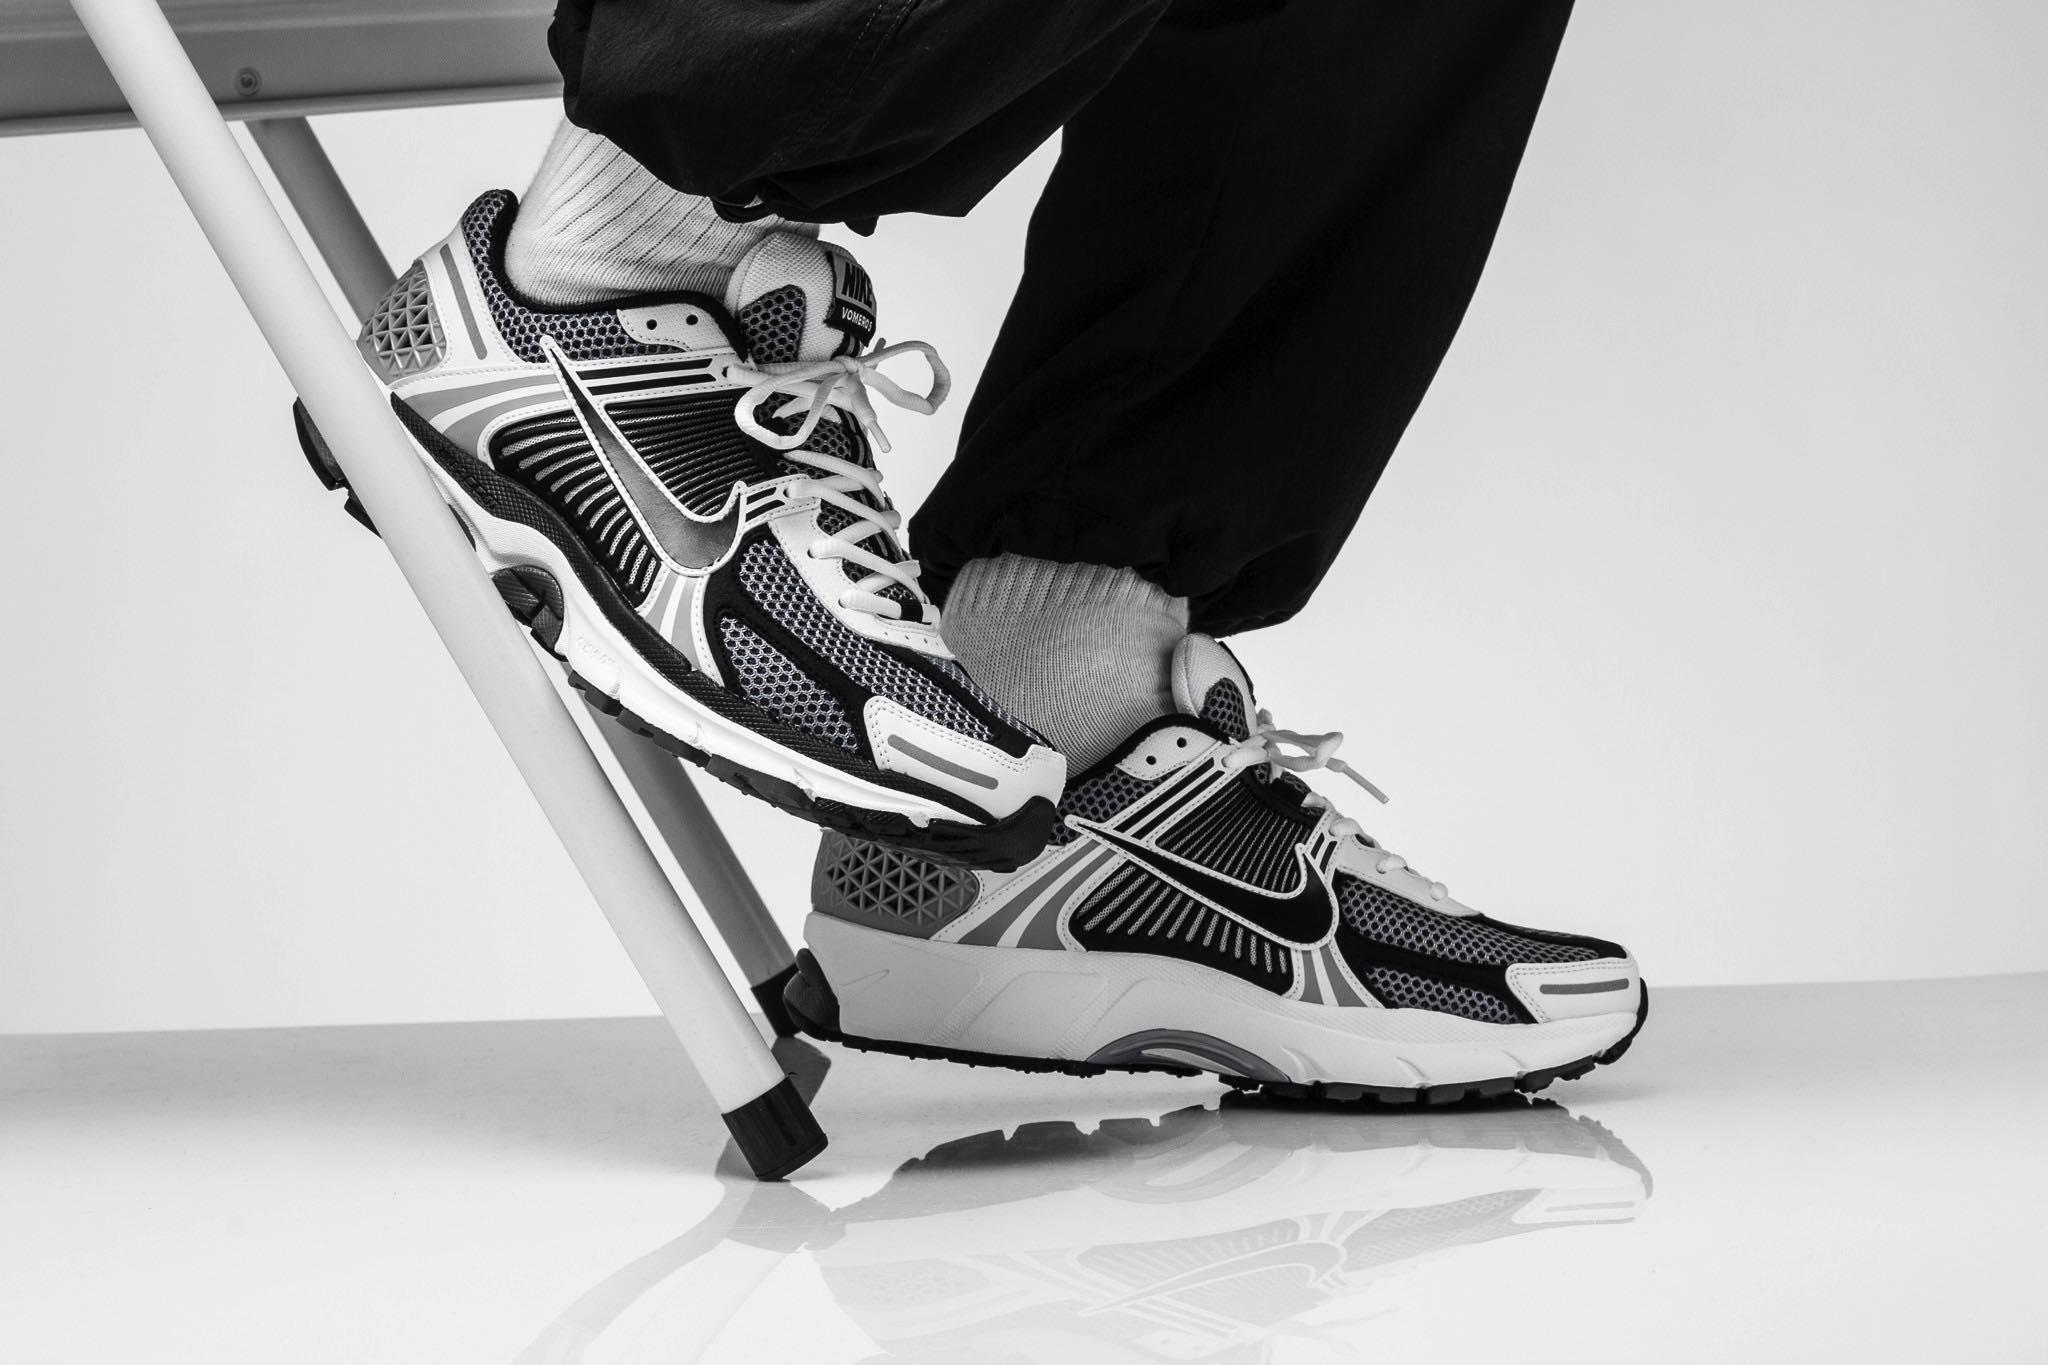 00'erne er tilbage: Følg trenden med disse 3 Nike modeller